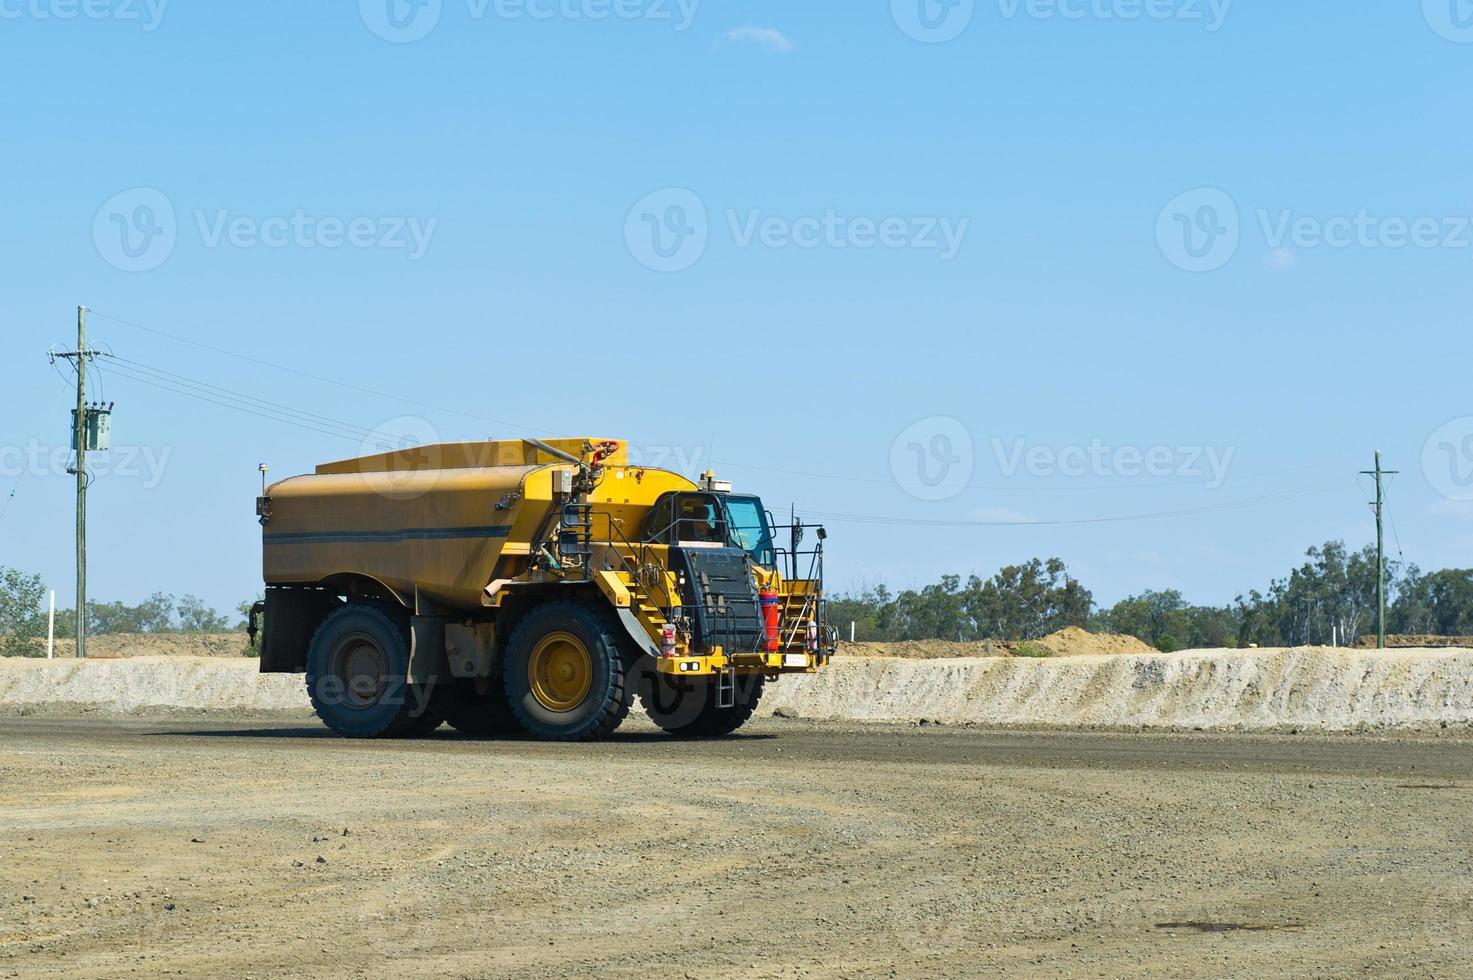 tanque de água / supressão de poeira de caminhão no canteiro de obras foto